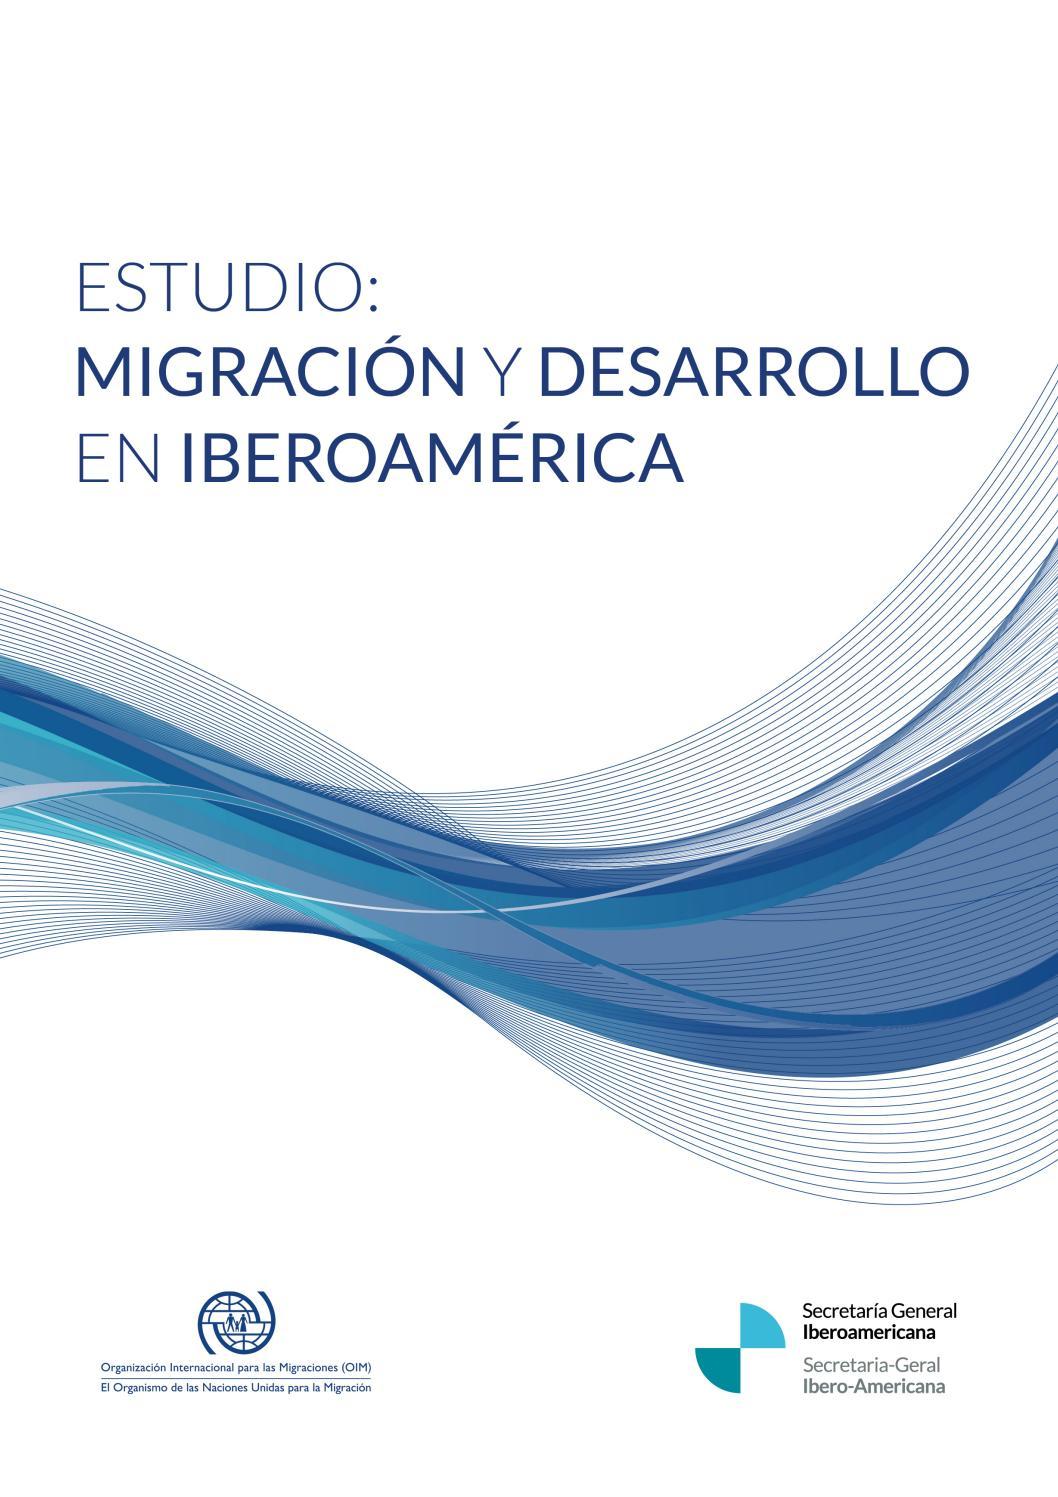 0623ee012 Estudio: Migración y desarrollo en Iberoamérica by Secretaría General  Iberoamericana - issuu